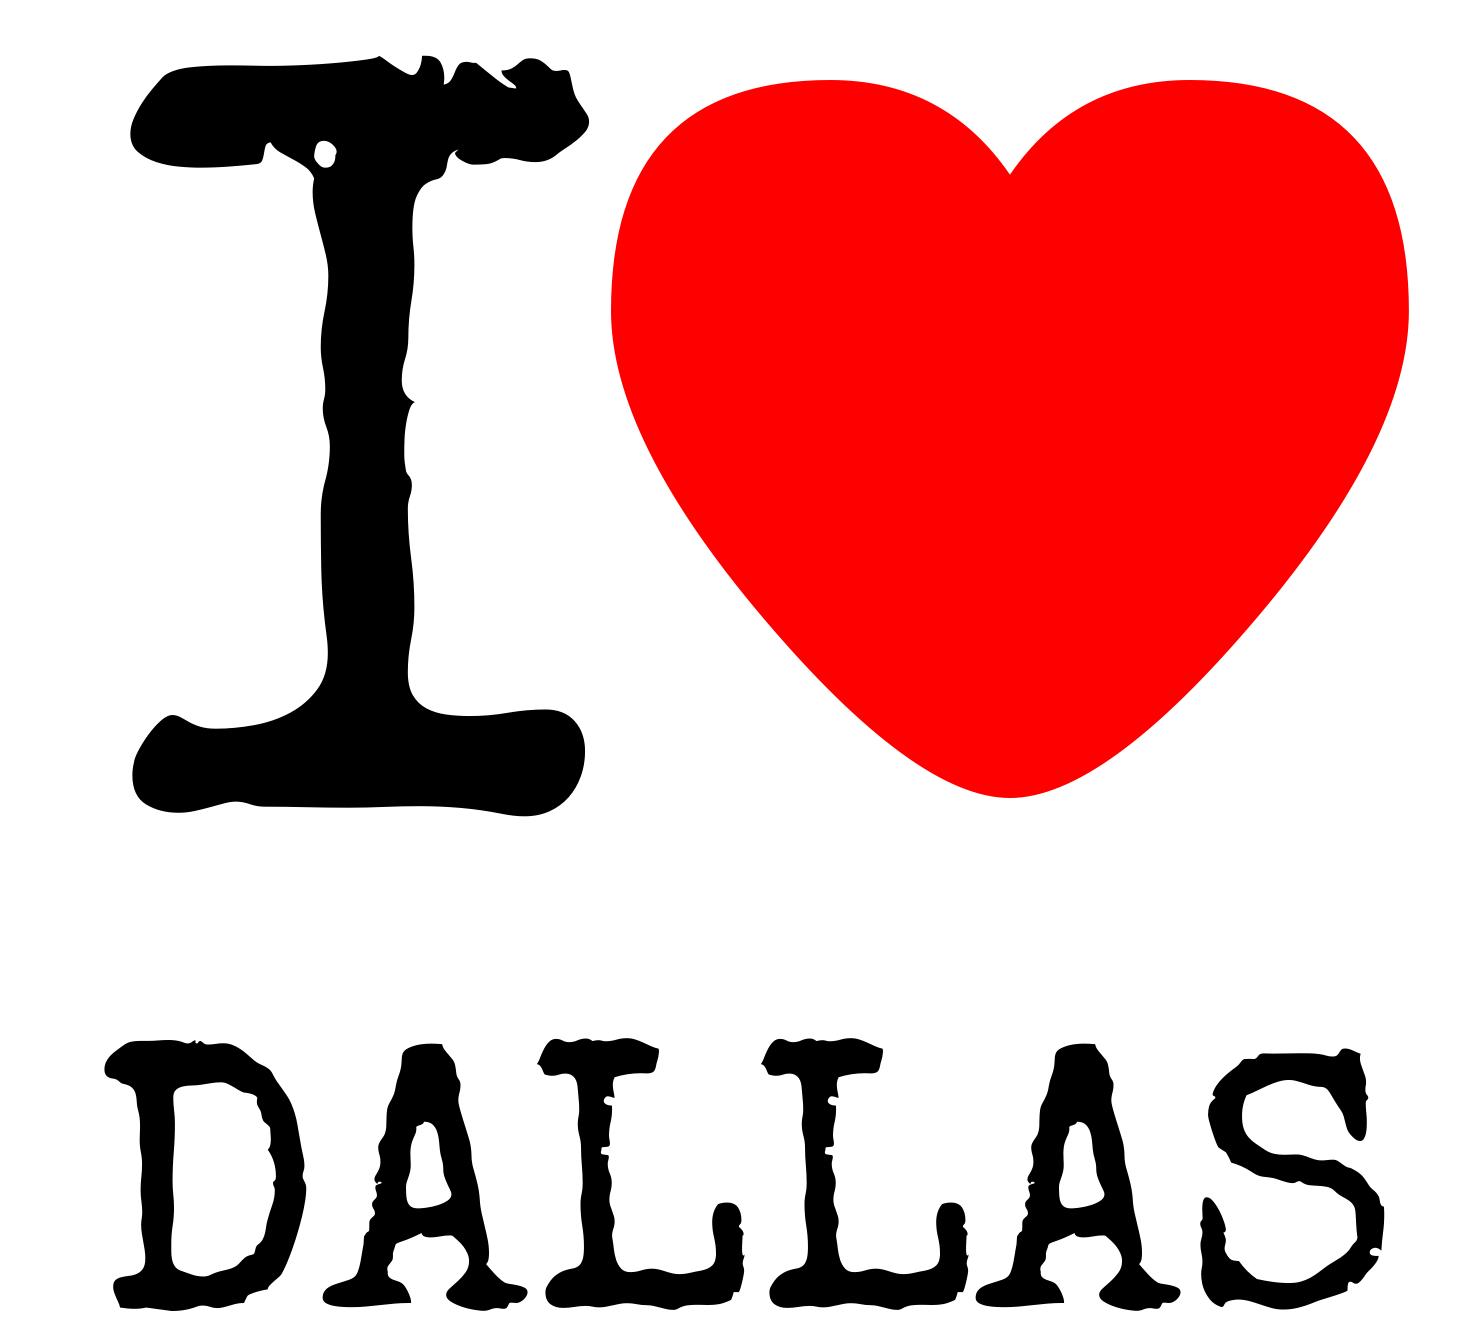 Why Dallas? -